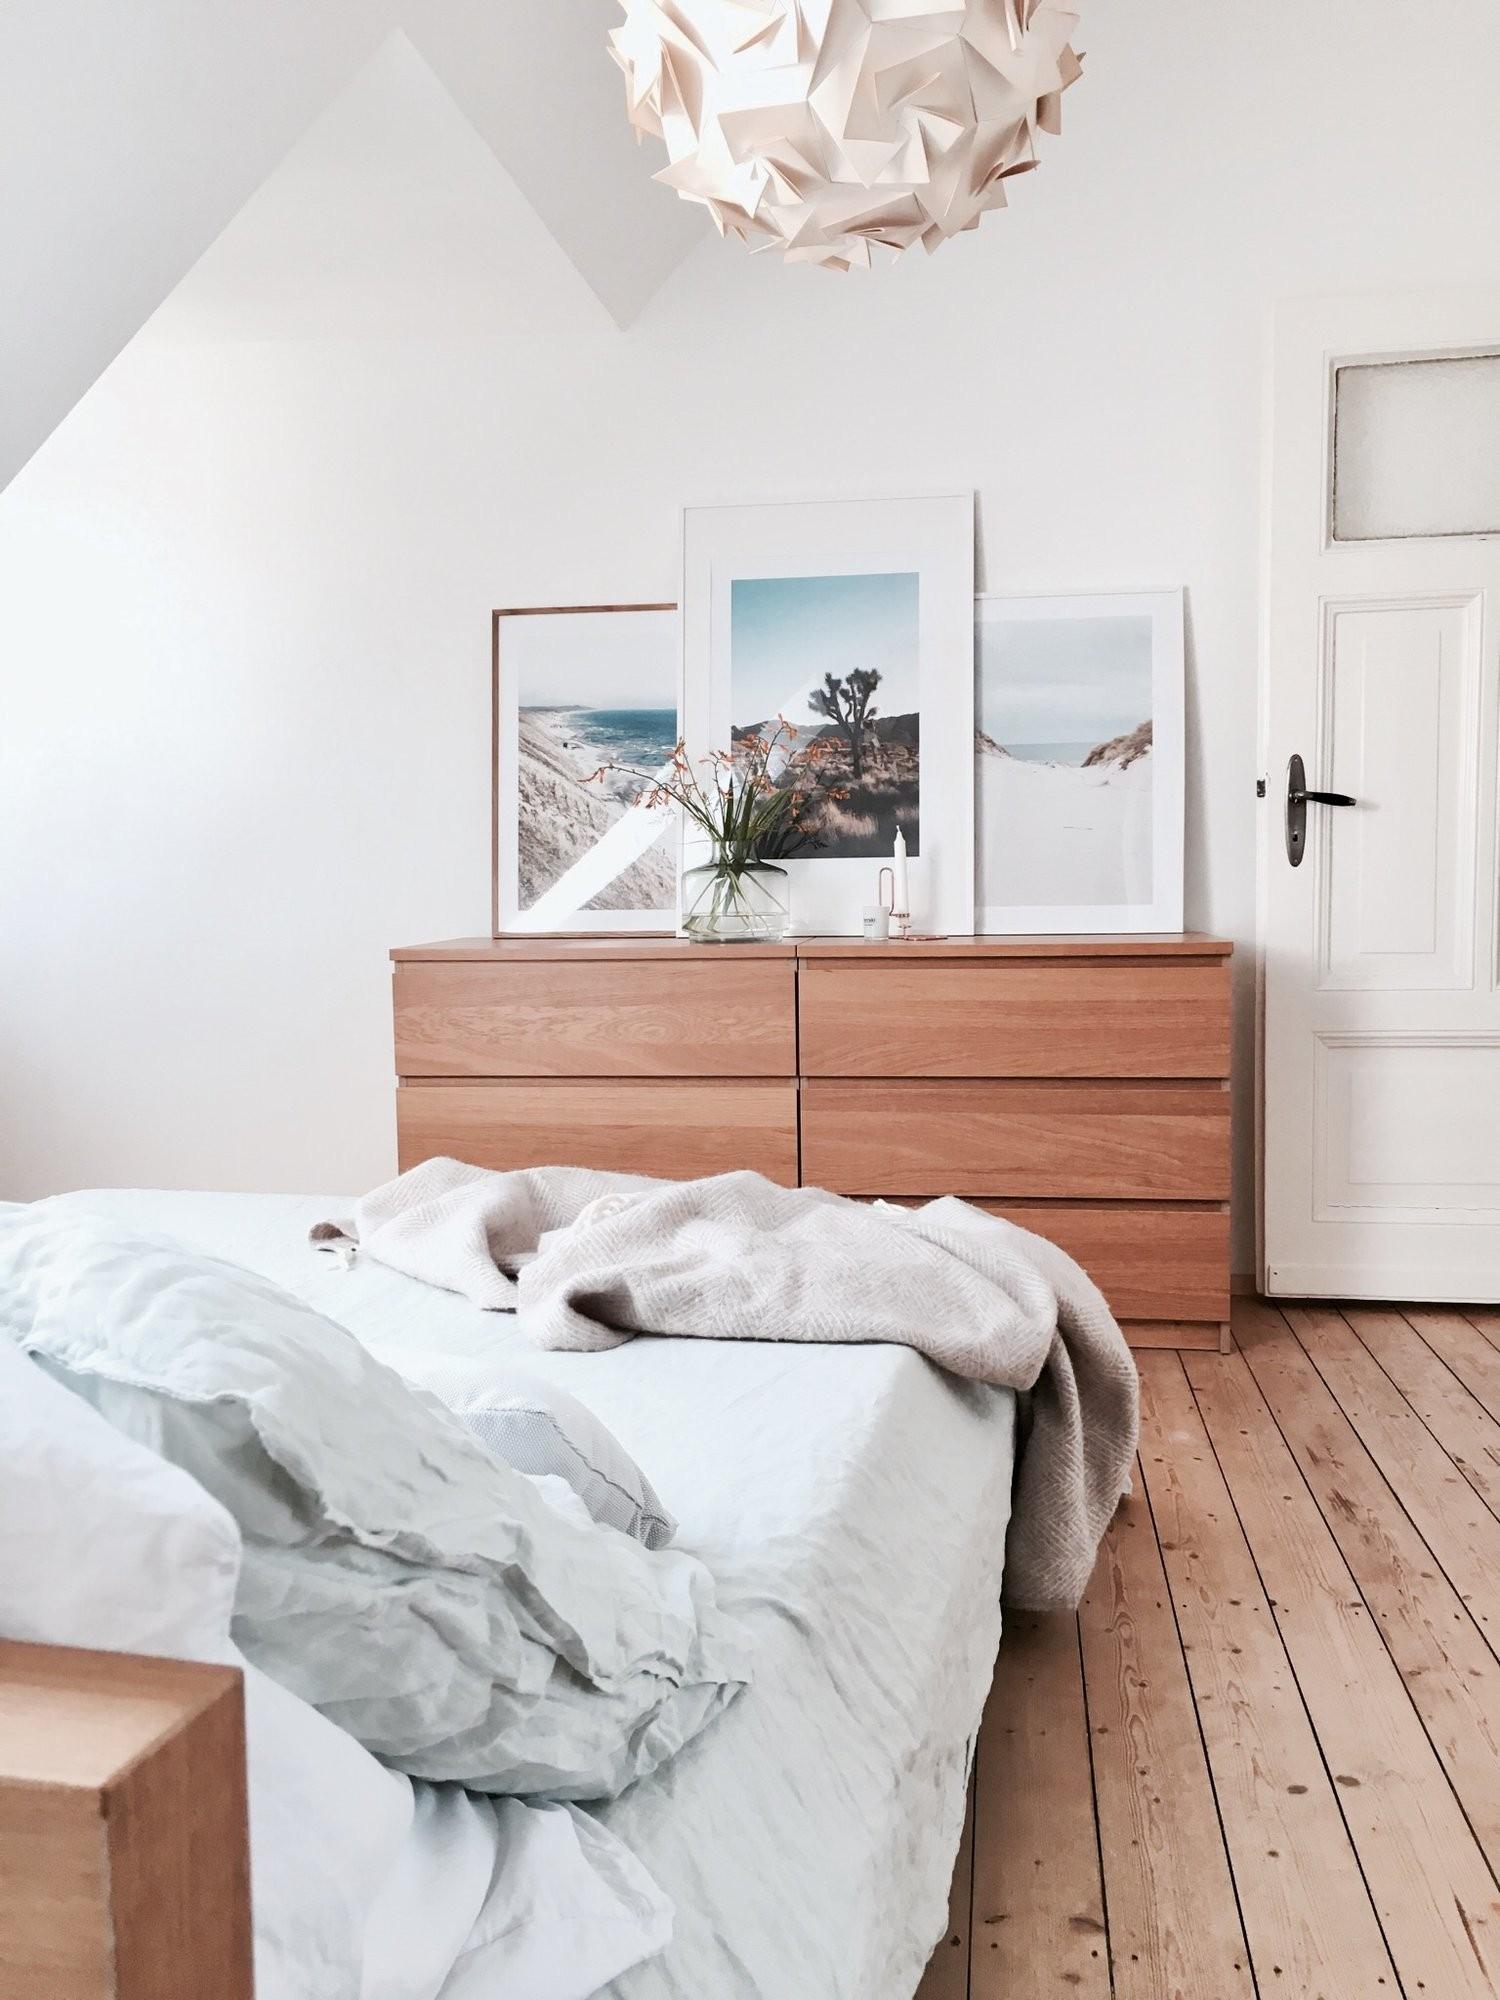 Phong cách nội thất Hygge đơn giản, nhẹ nhàng và ấm cúng